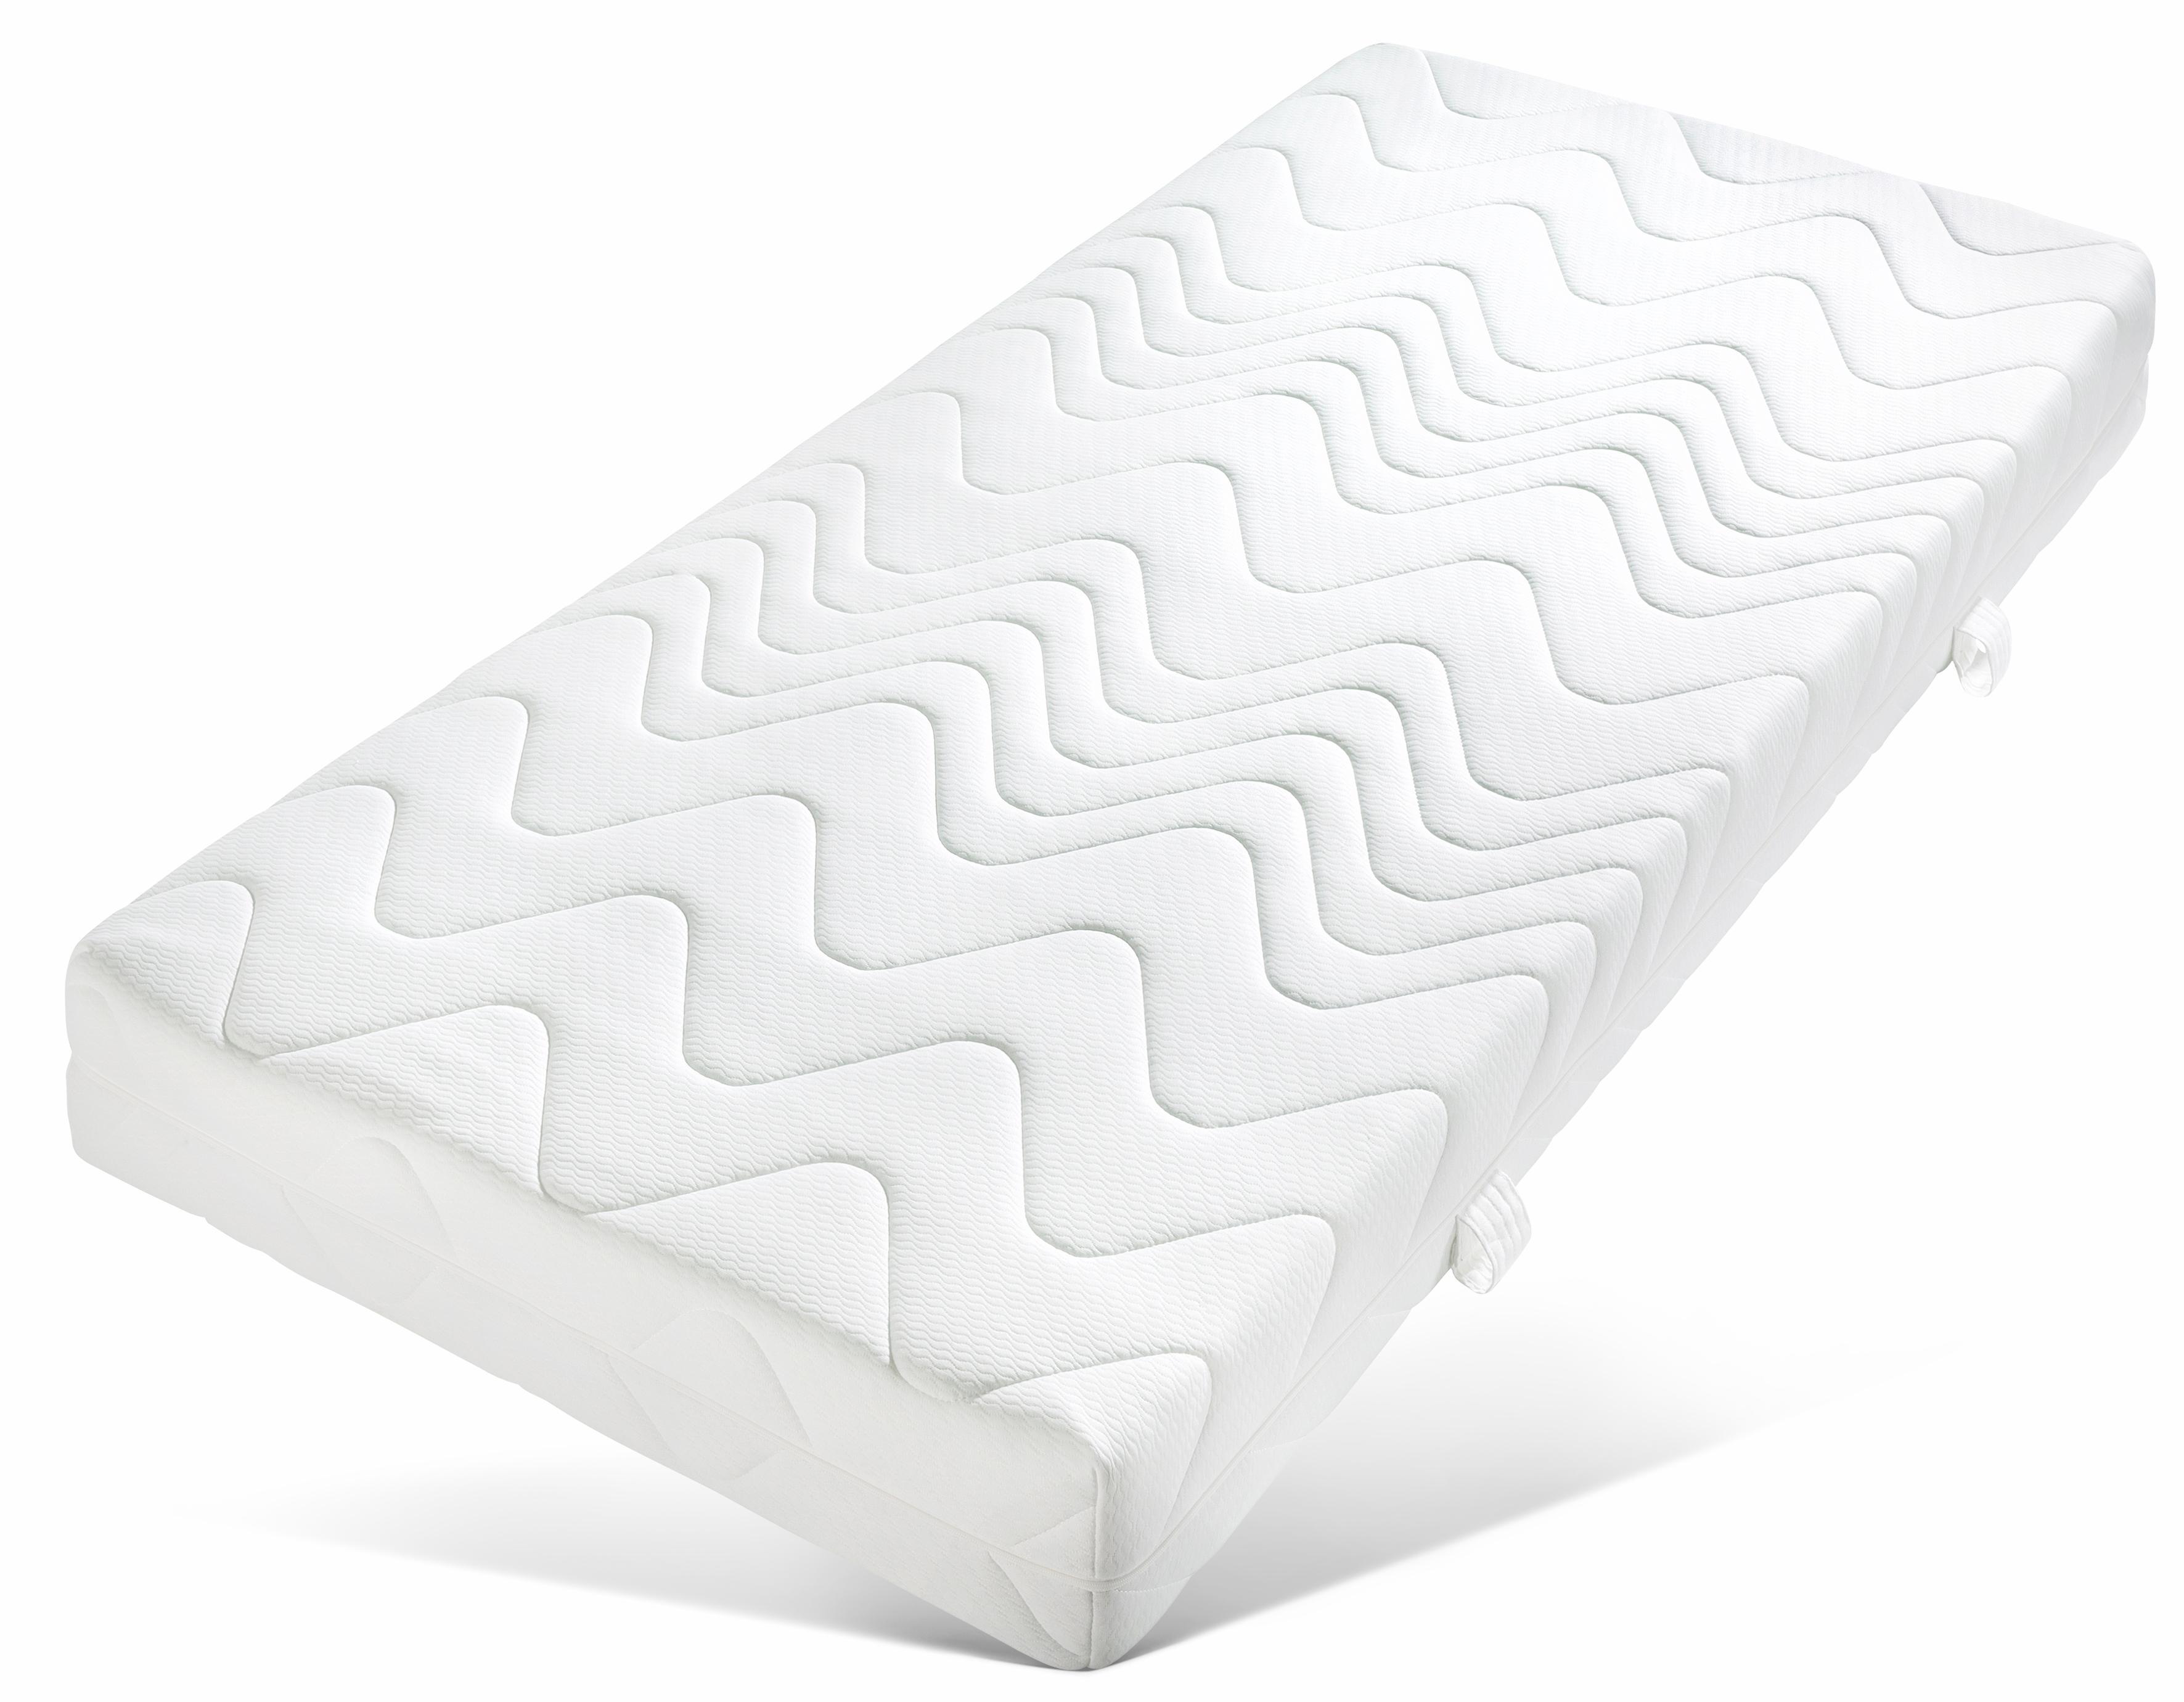 Taschenfederkernmatratze Komfort Breckle 19 cm hoch